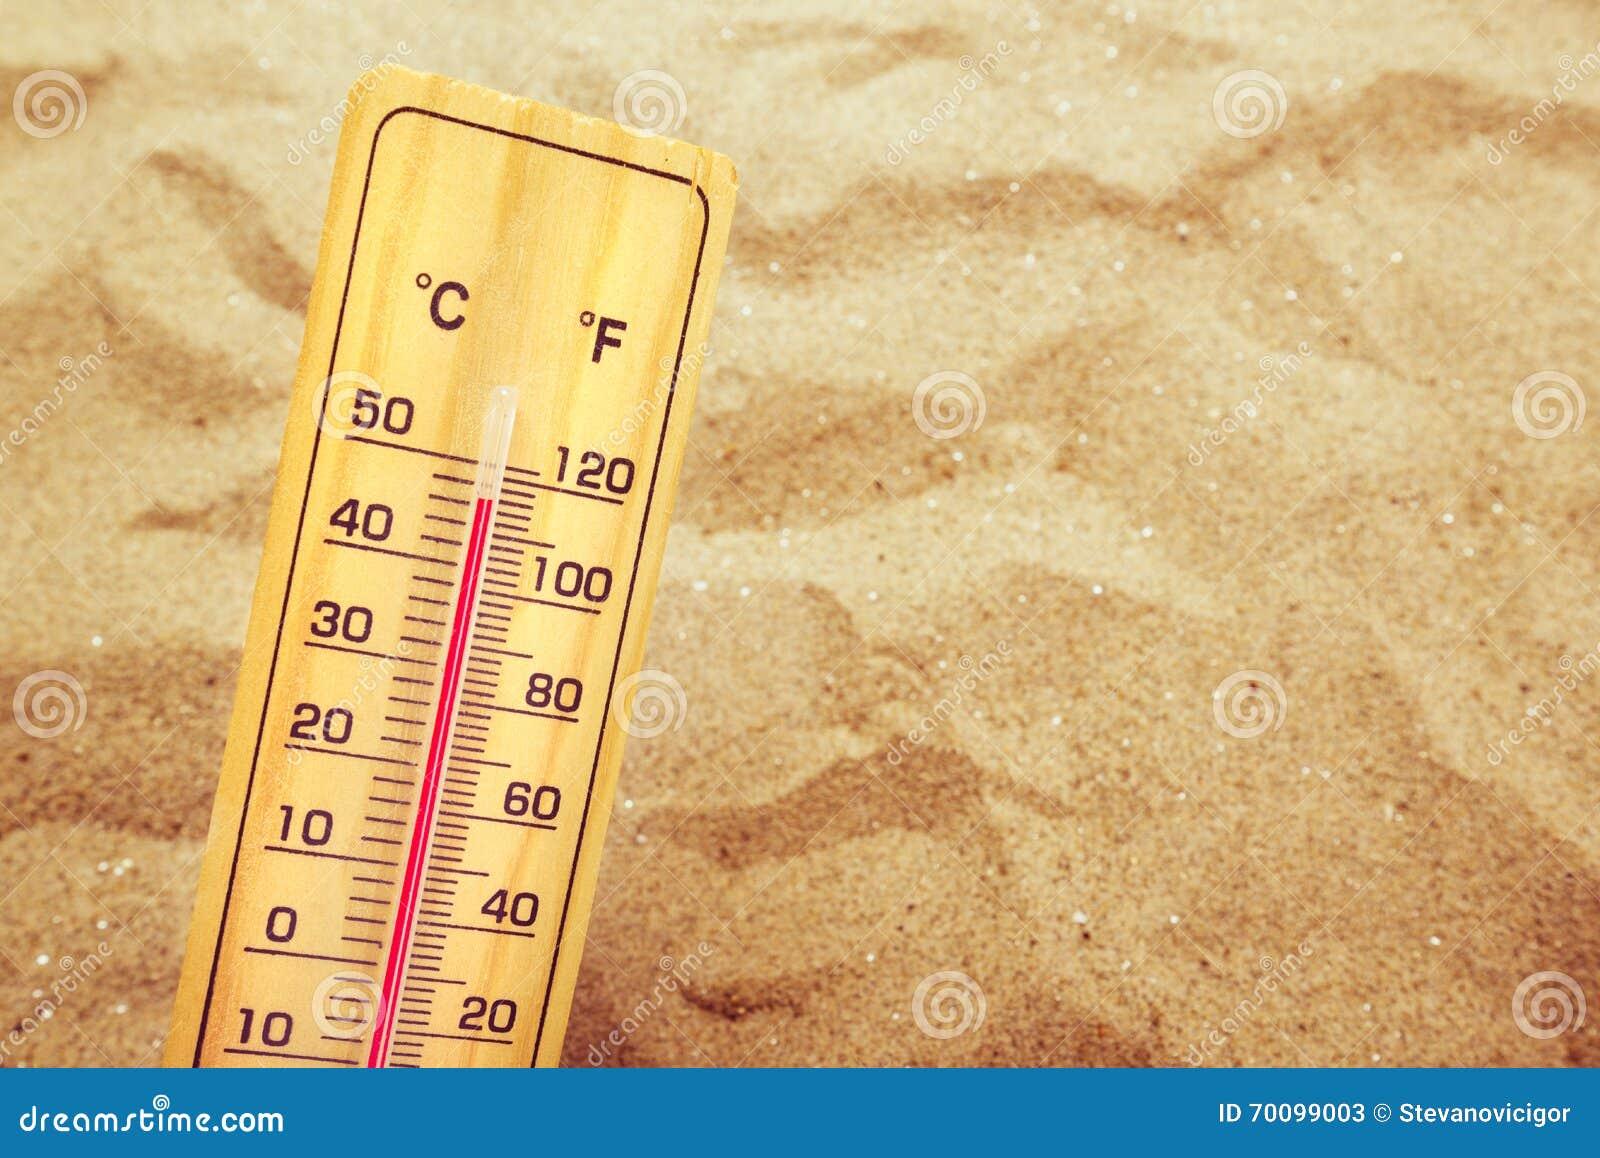 Extrem hohe Temperaturen, Thermometer auf warmem Wüstensand